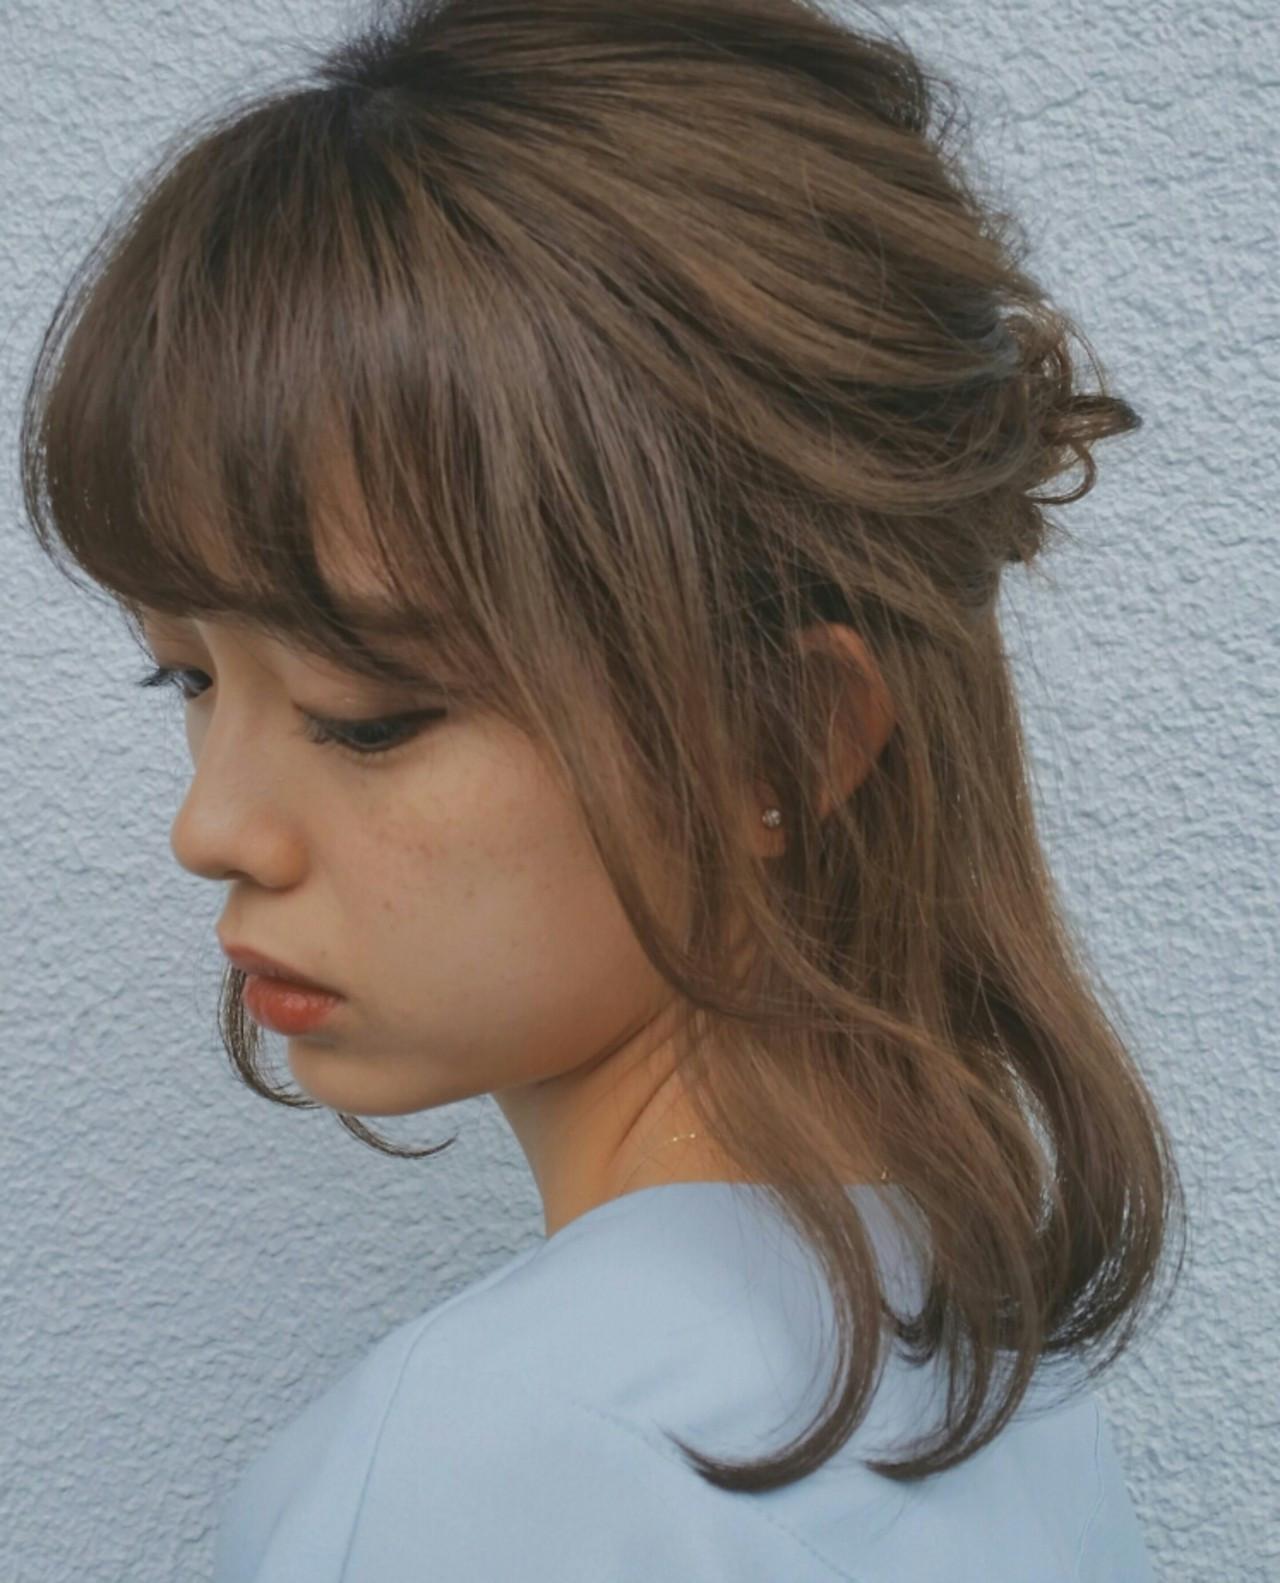 はねた部分をまとめてハーフアップに♪ hosoi | WEC HAIR